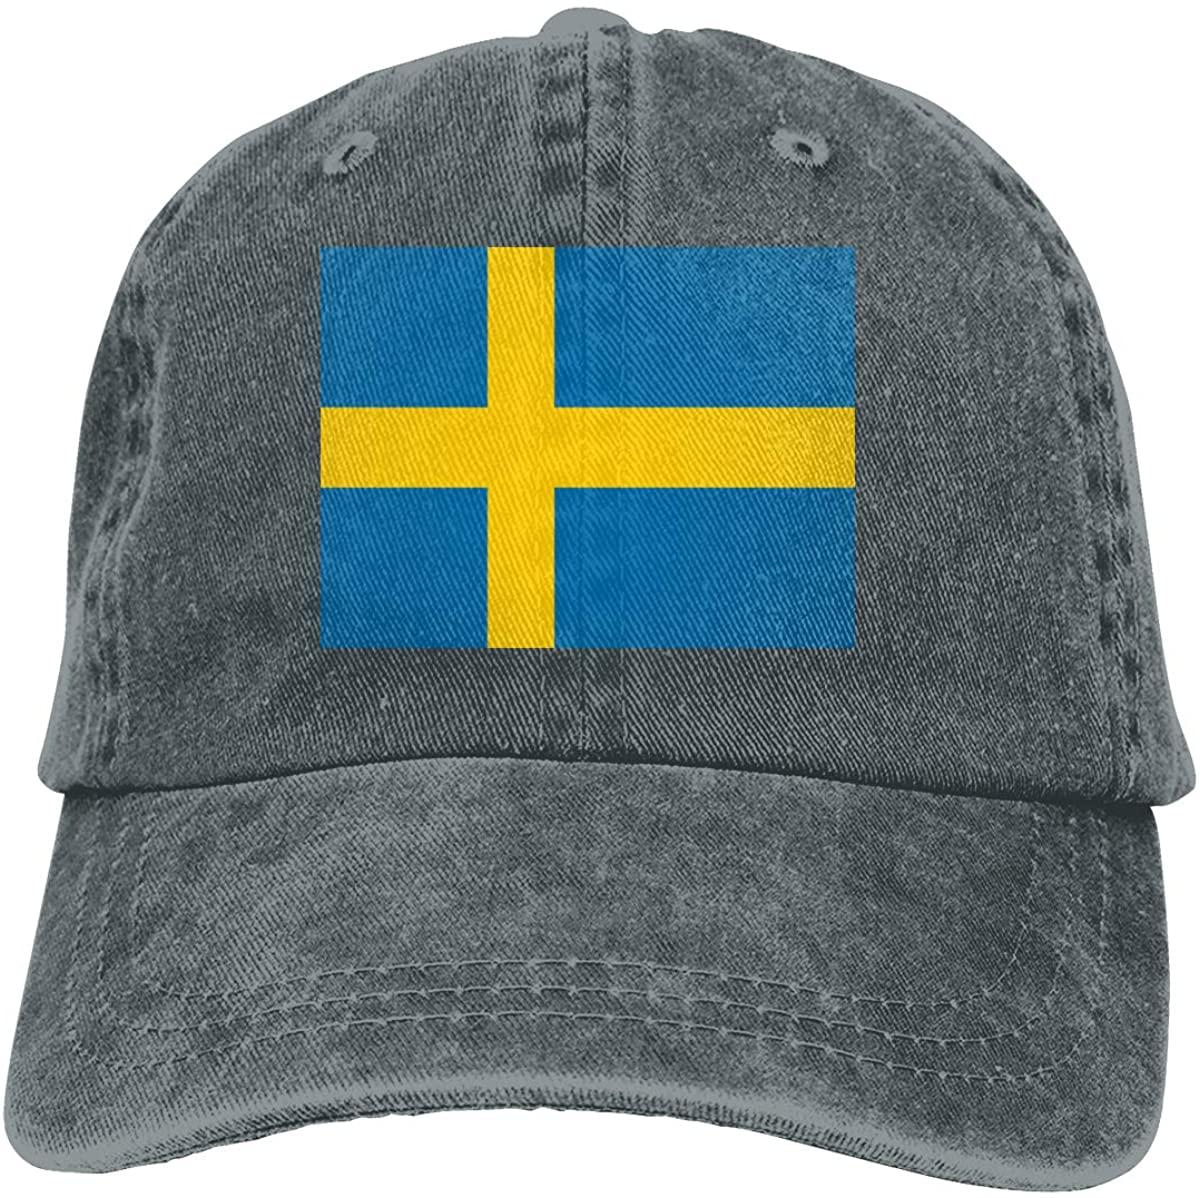 Джинсовая кепка с флагом Швеции, регулируемая простая Кепка, бейсболка s